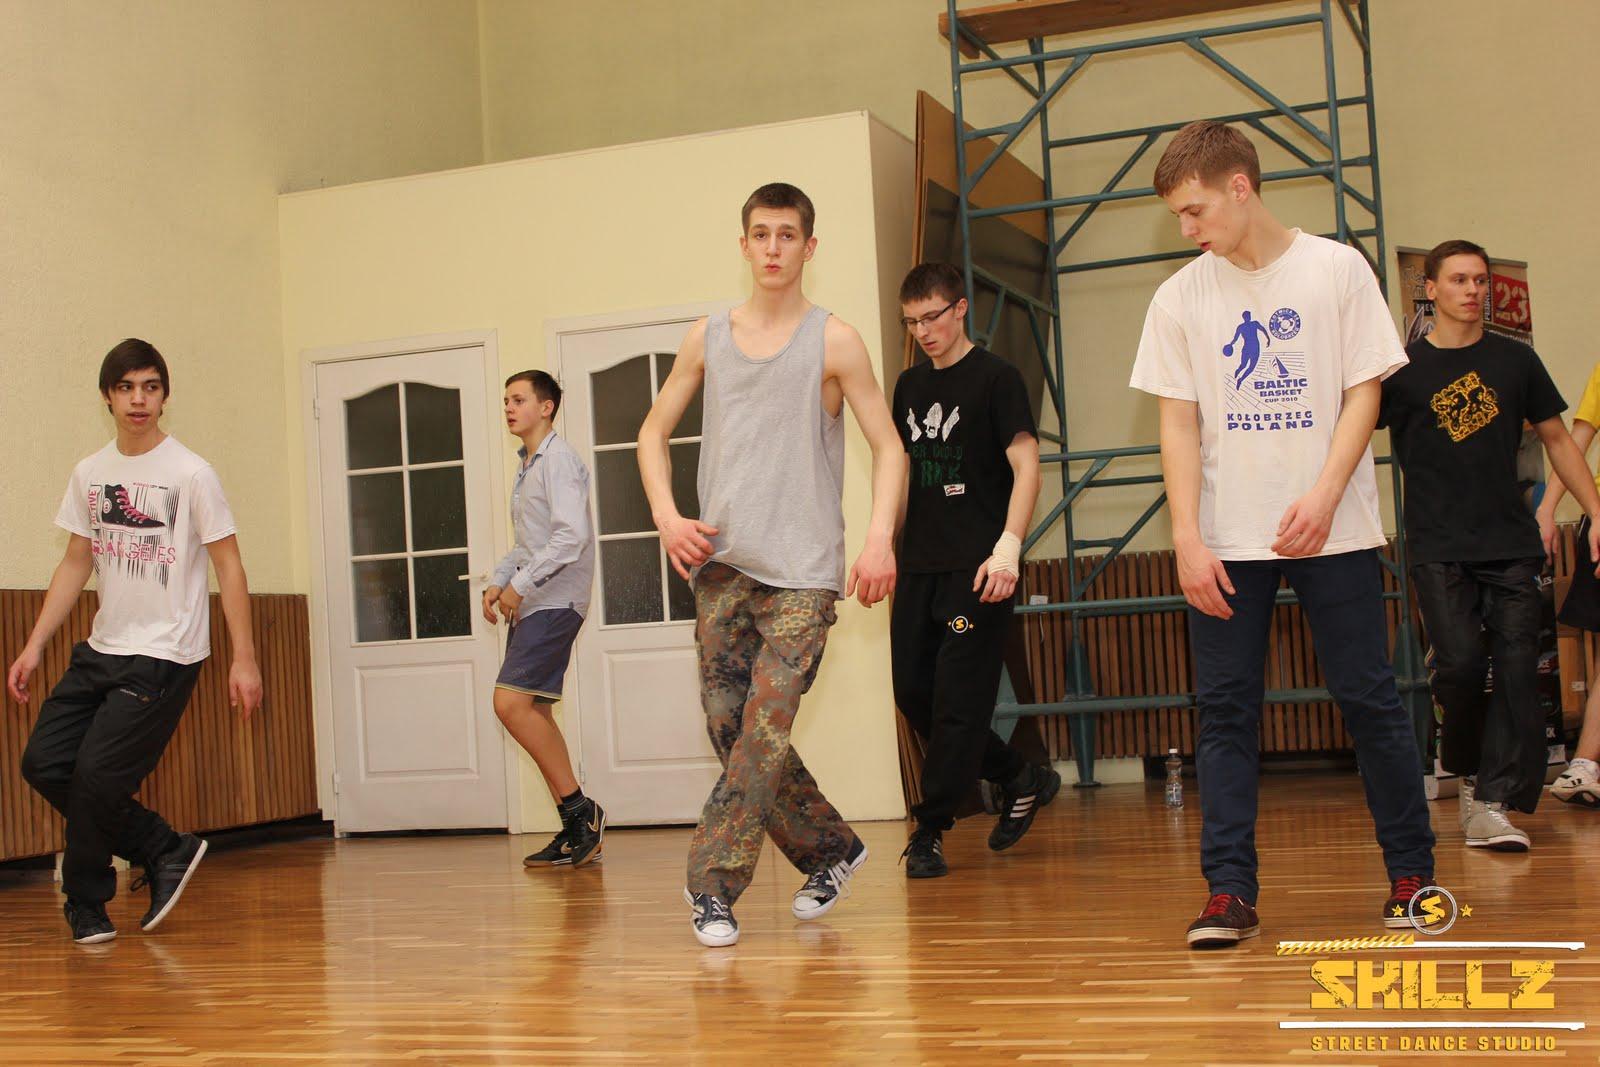 YAN (Russia) Bboying seminaras - IMG_0574.jpg